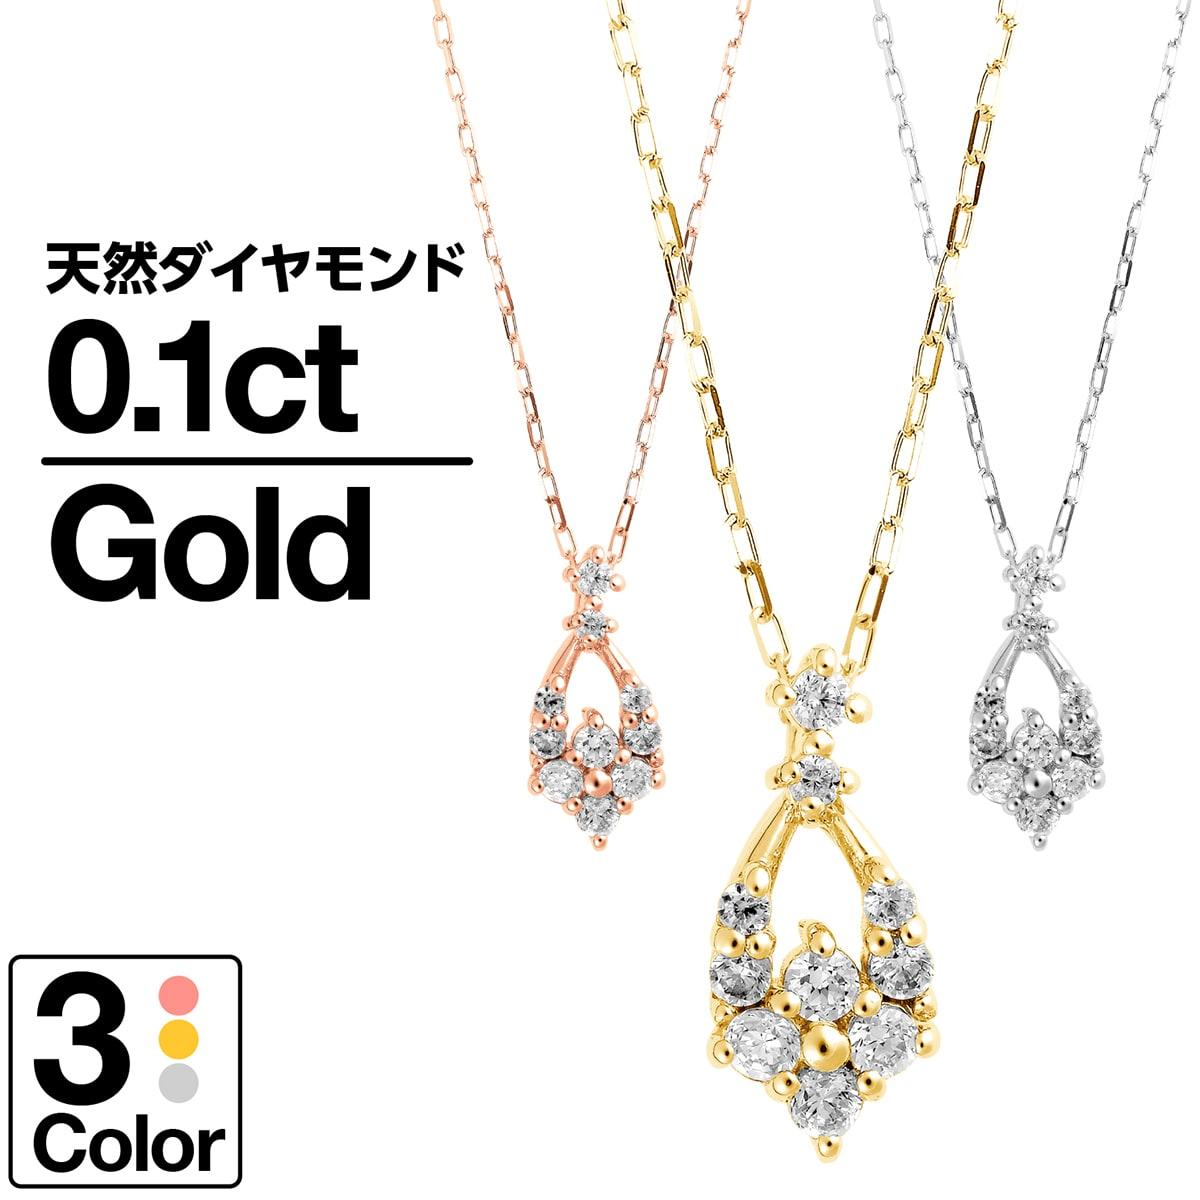 ダイヤモンド ネックレス k10 イエローゴールド/ホワイトゴールド/ピンクゴールド 品質保証書 金属アレルギー 日本製 誕生日 ギフト